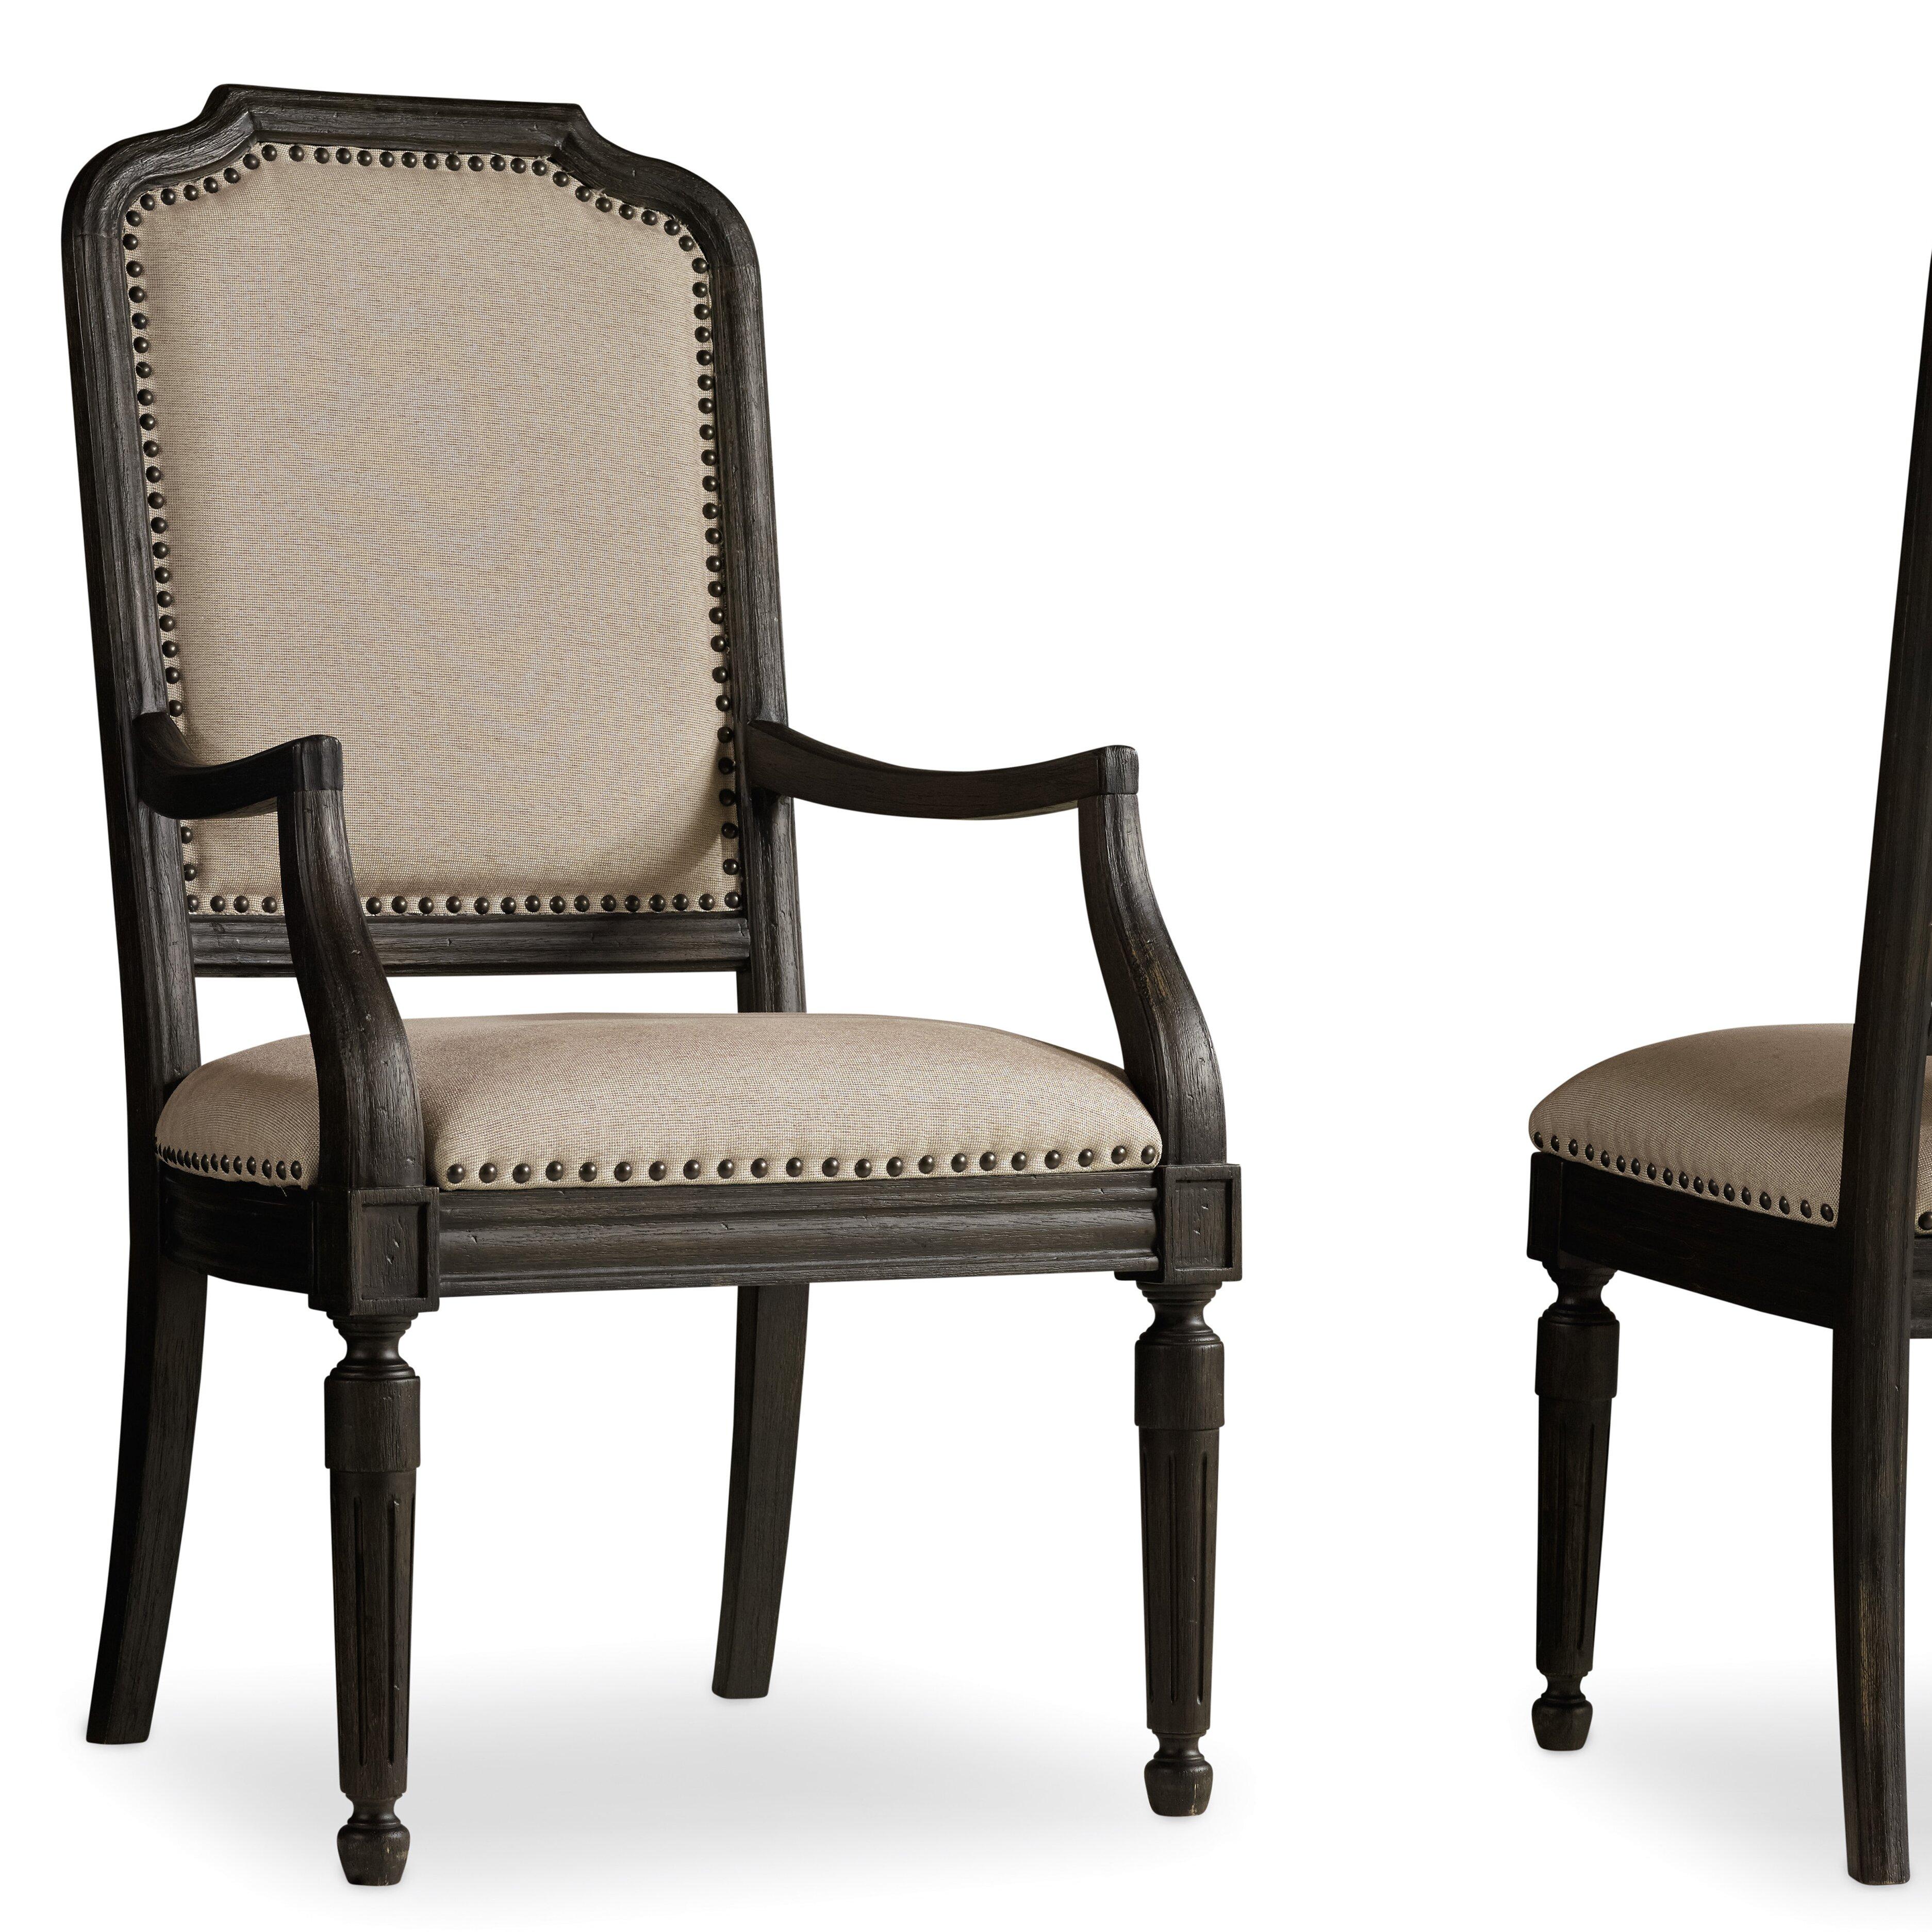 Hooker Furniture Corsica King Upholstered Shelter Bed in